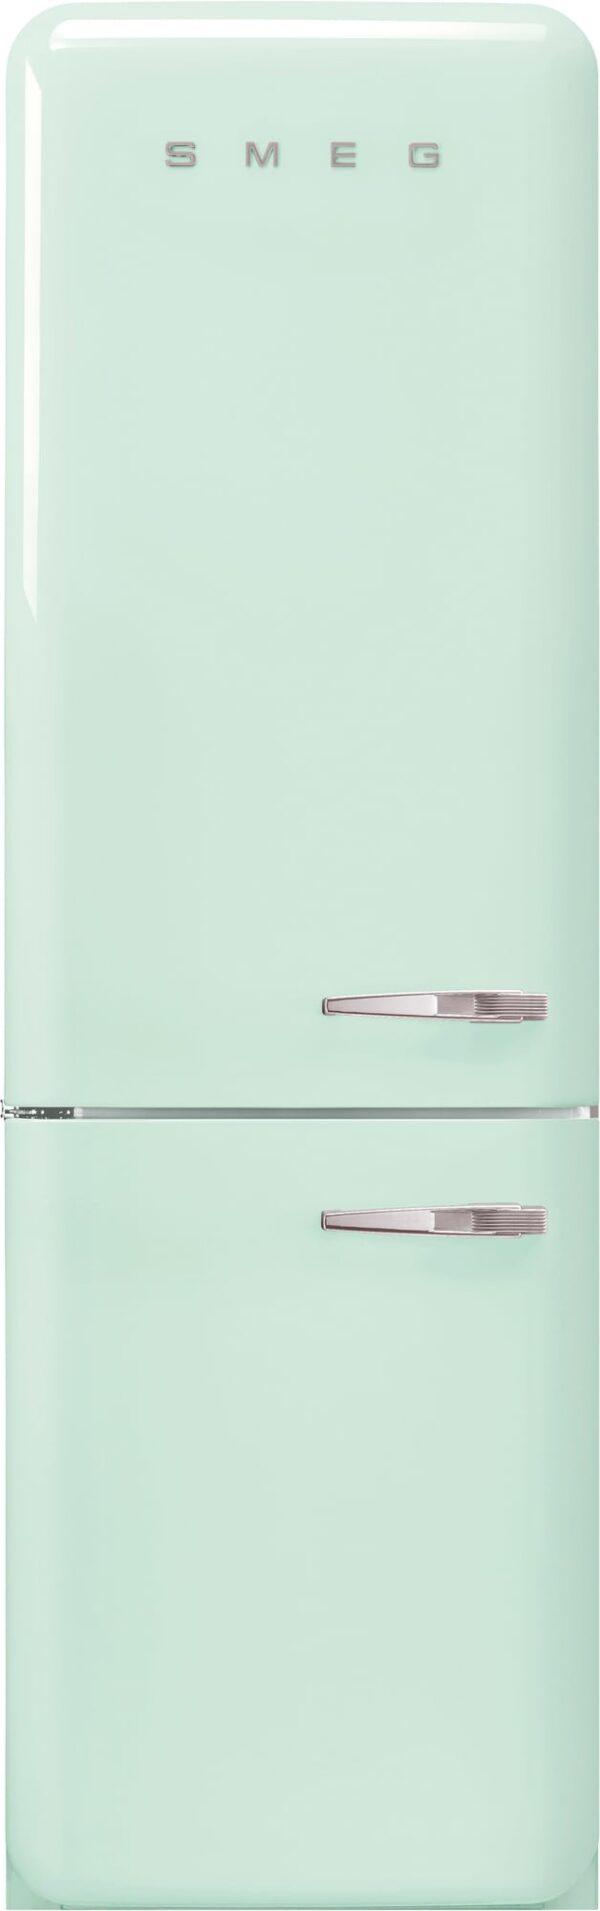 Smeg 50's Style kølefryseskab FAB32LPG5 (pastel green)